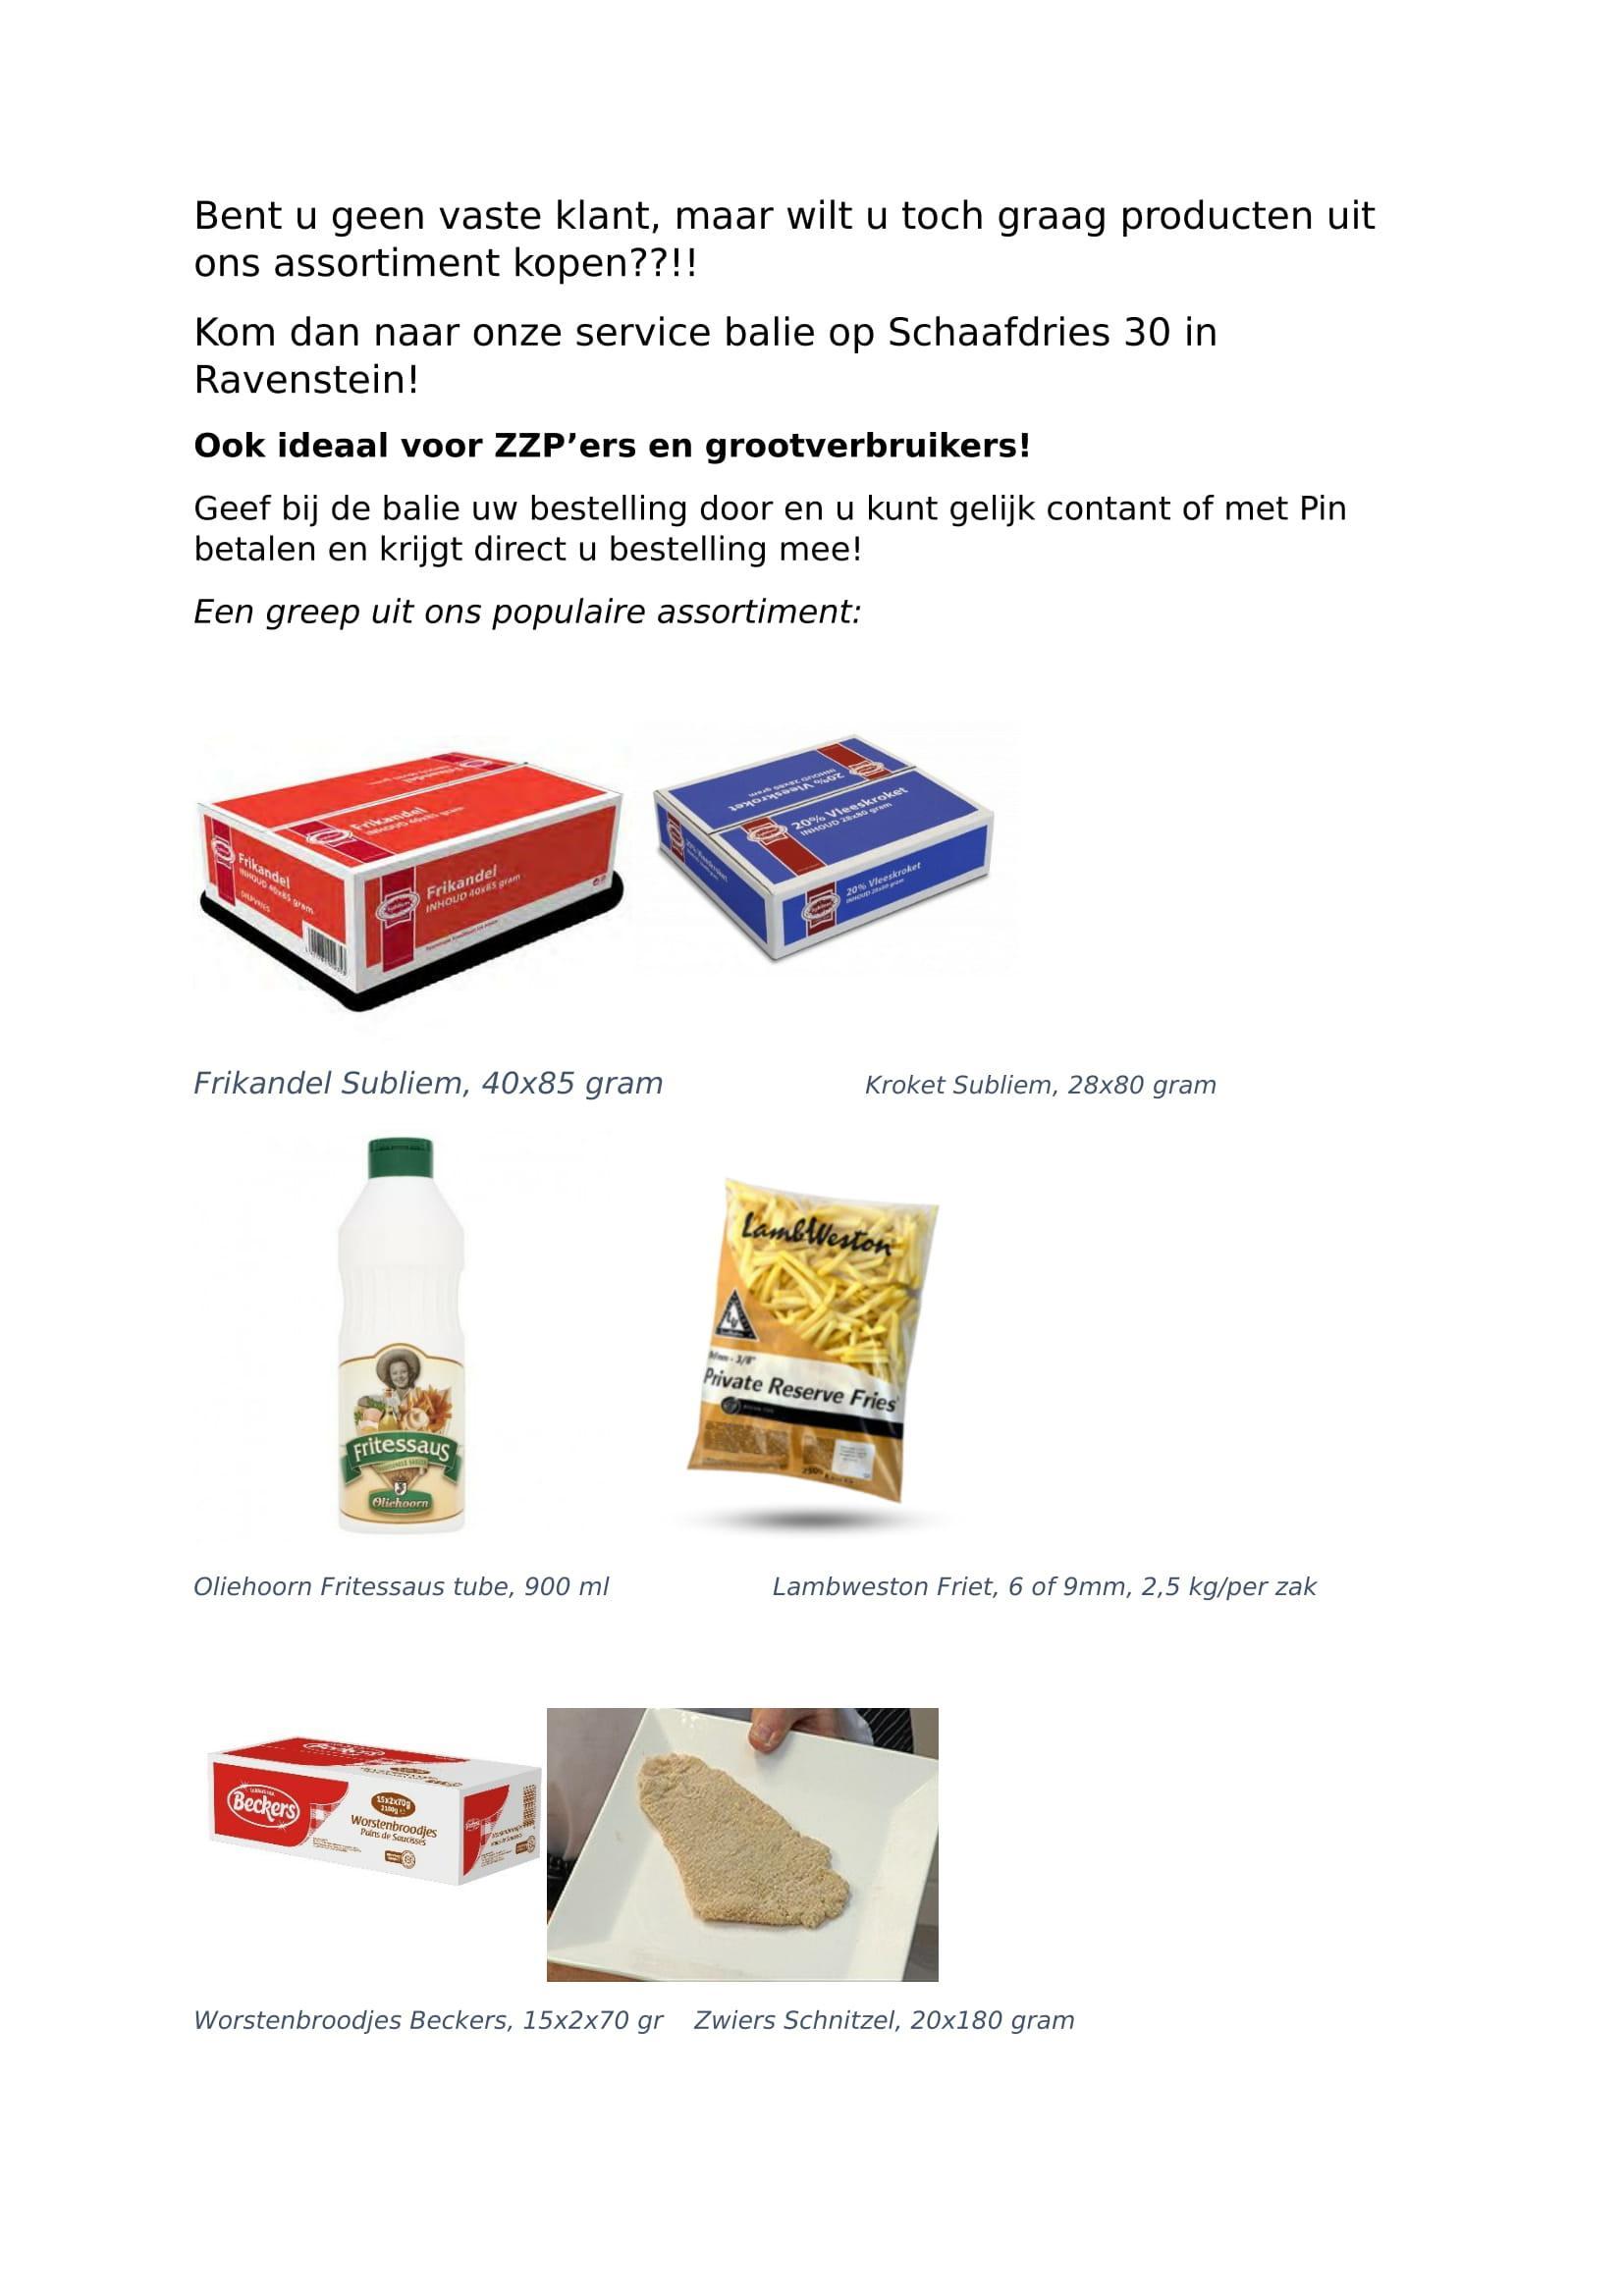 Geinteresseerd in bepaalde producten, maar geen vaste klant? Kom dan naar onze service balie!